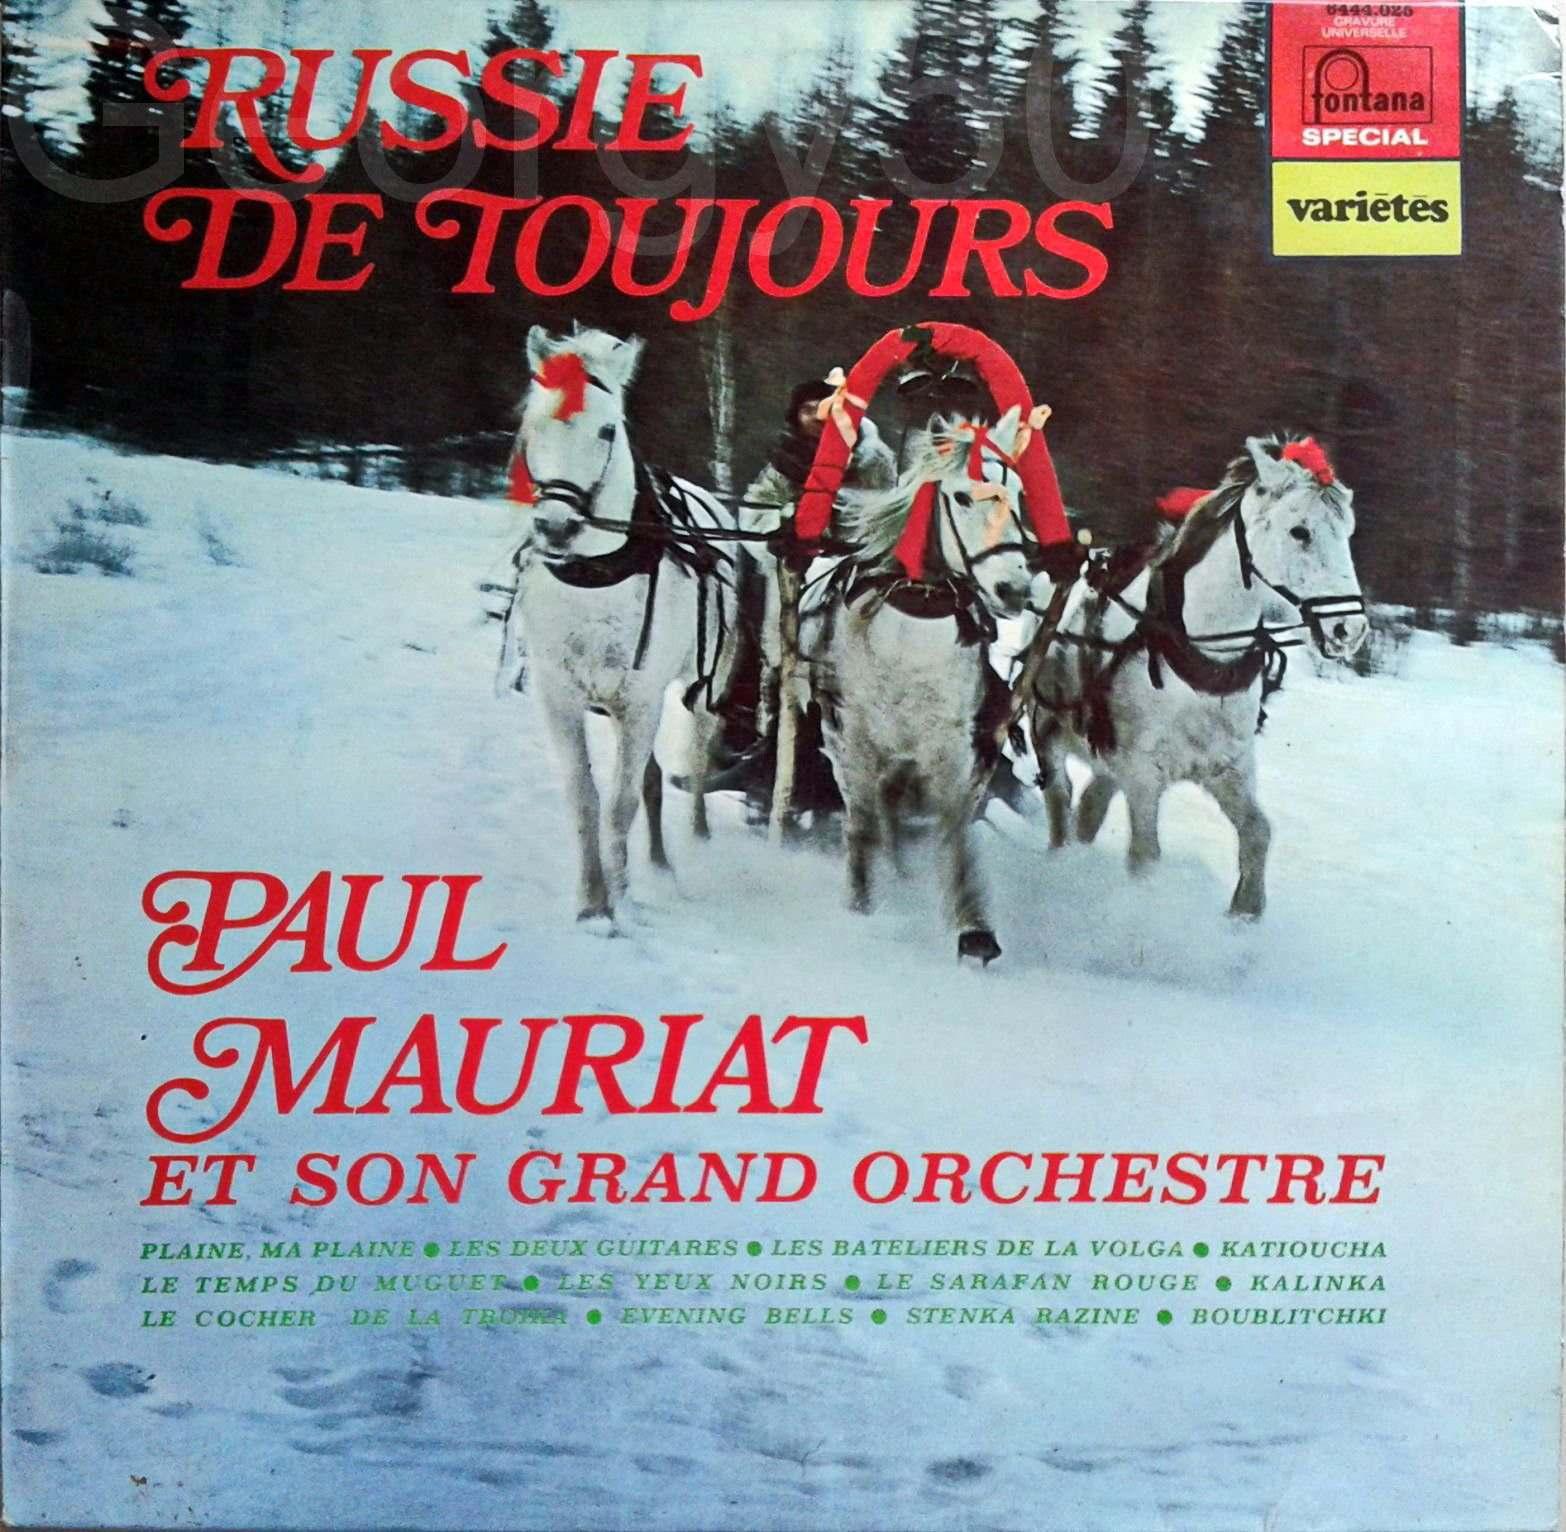 Le Grand Orchestre De Paul Mauriat – Russie De Toujours front.jpg